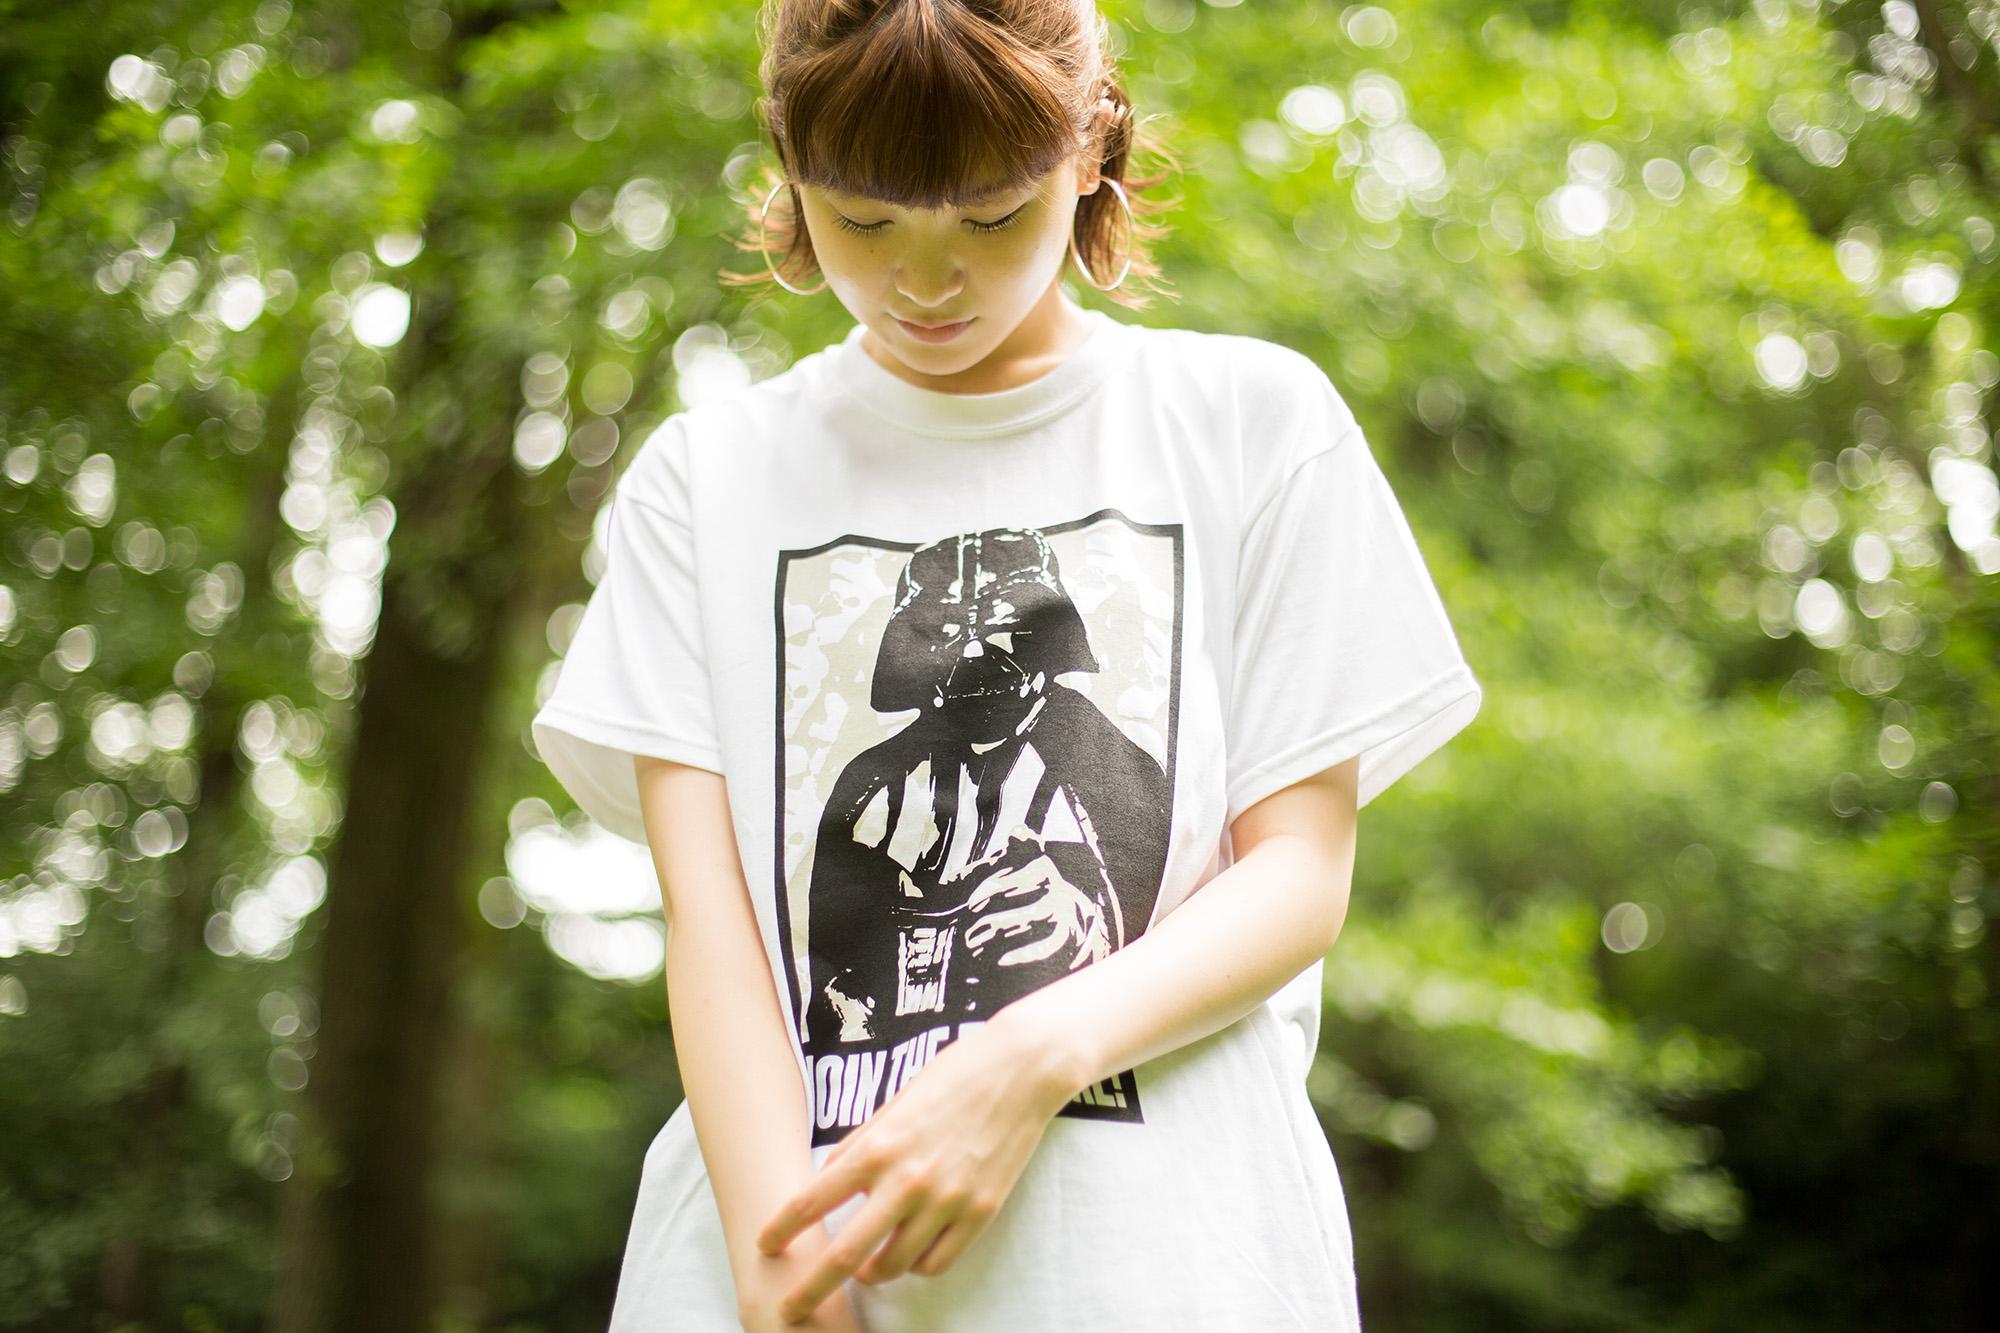 【フェスファッション】フジロックにも着ていきたい!2016年、夏フェスコーデ R7A3503